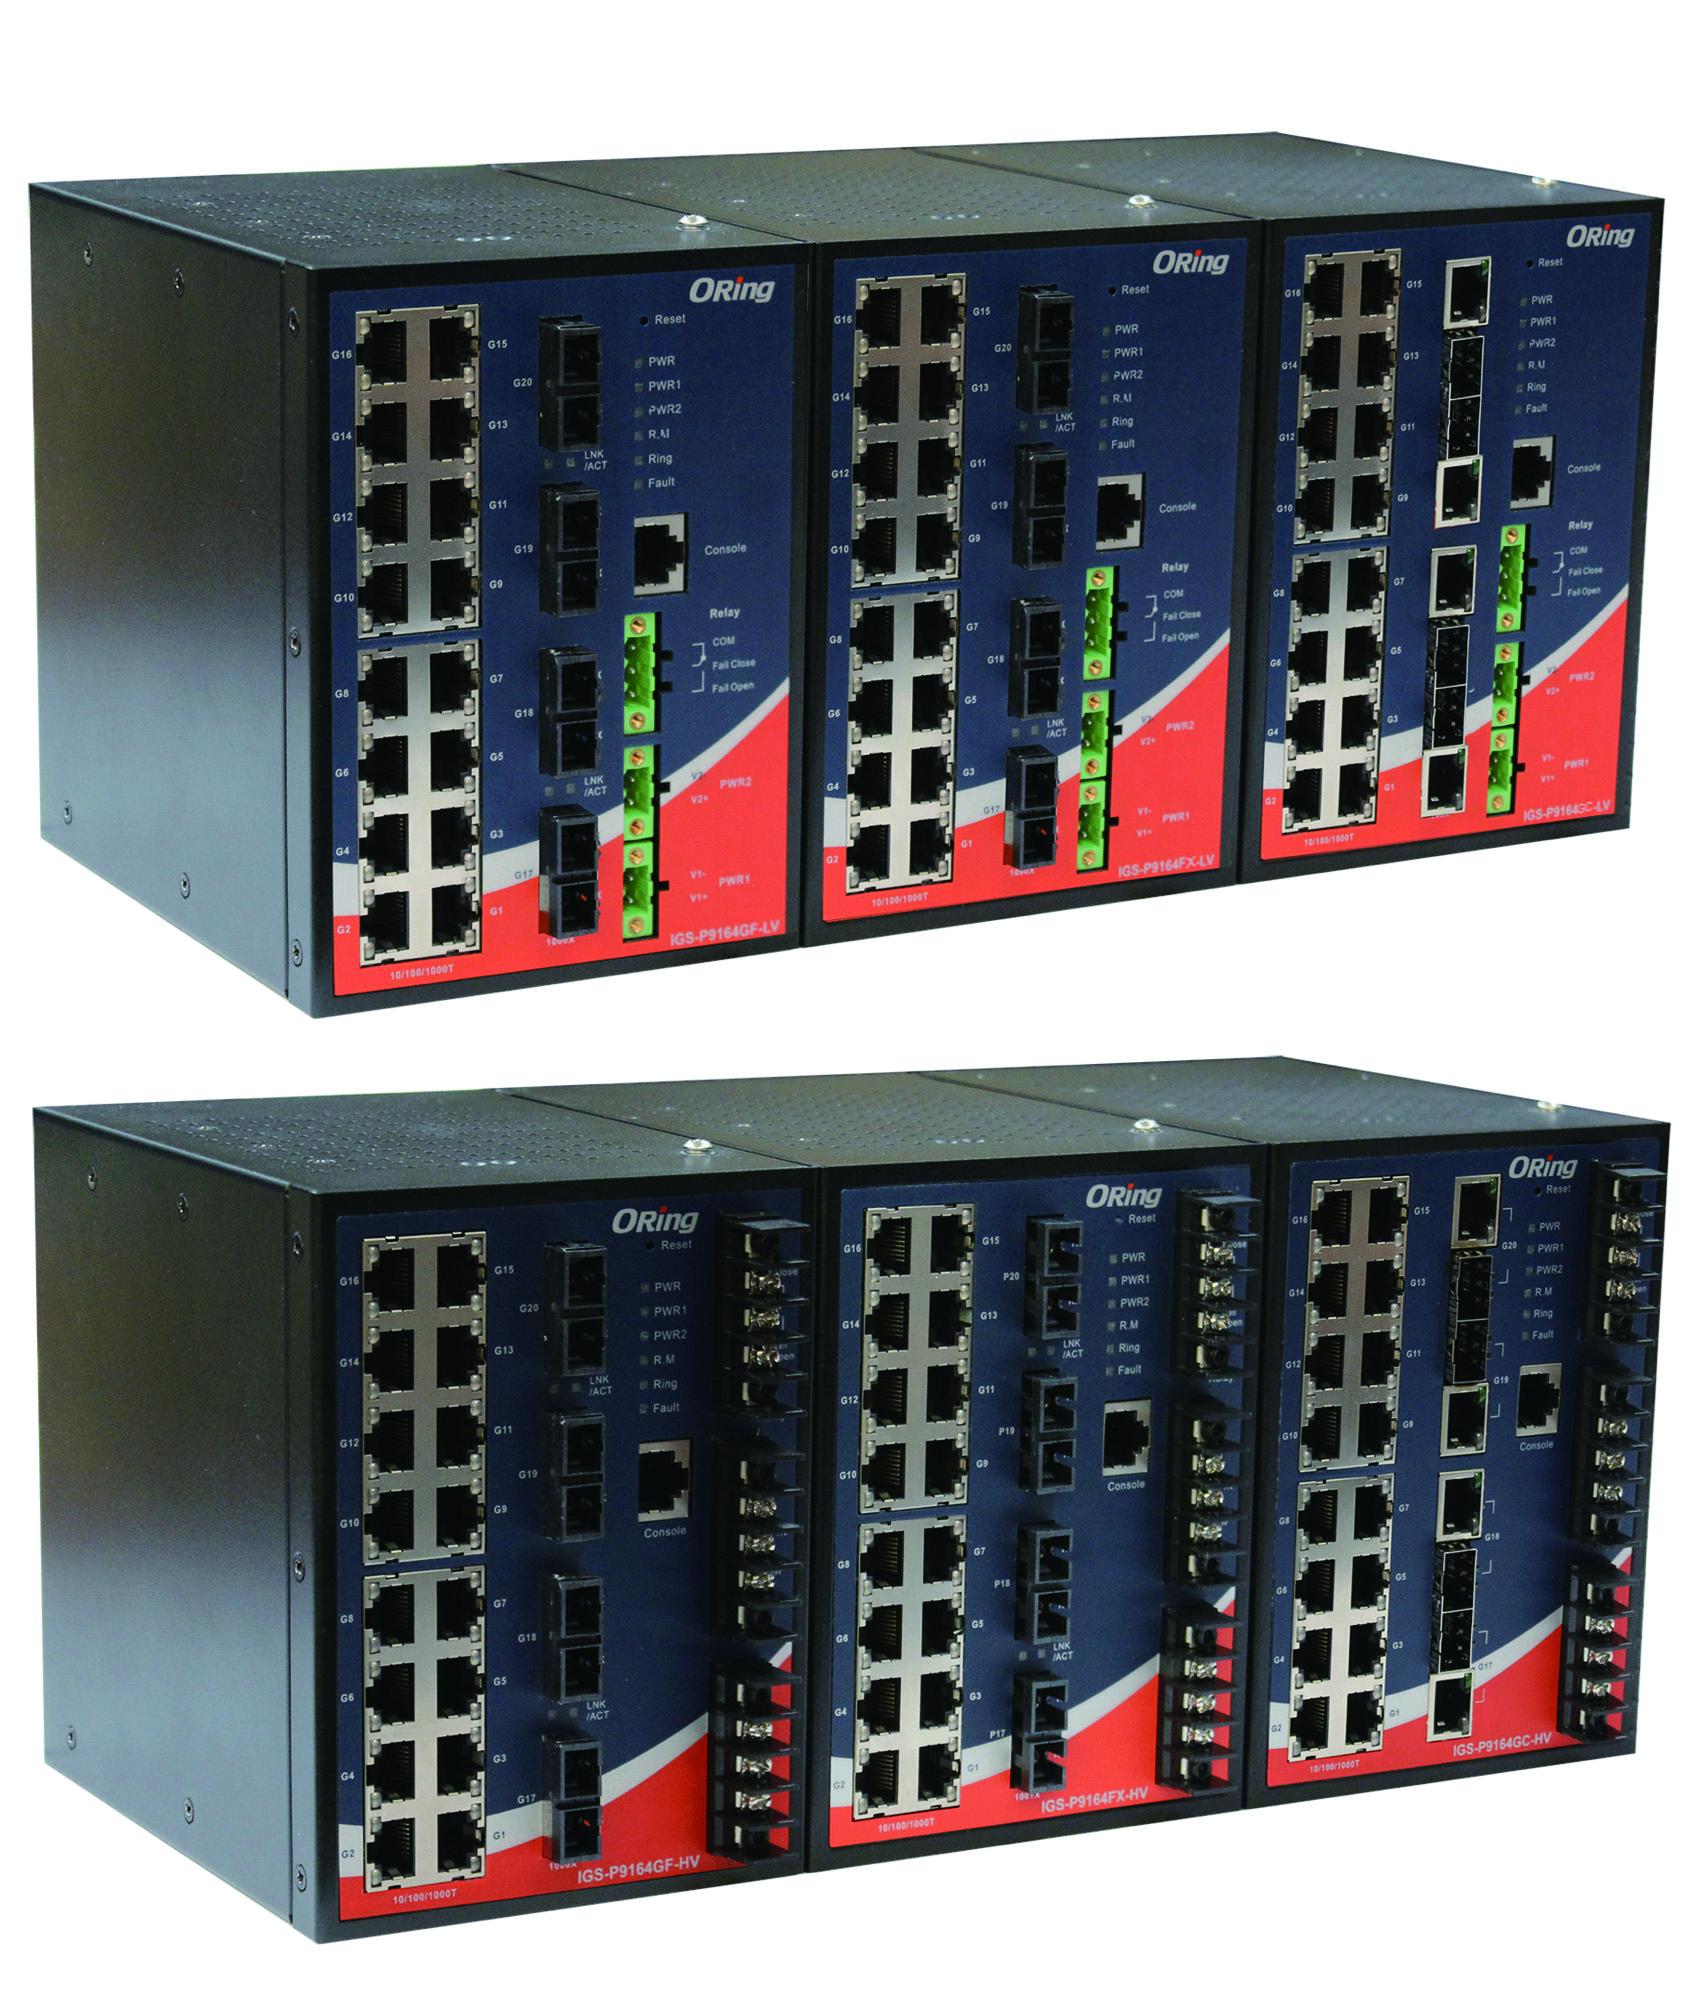 20-portowy zarządzalny Gigabit Ethernet Switch, IEC 61850-3, C1D2/ATEX – IGS-P9164FX-MM-SC-LV